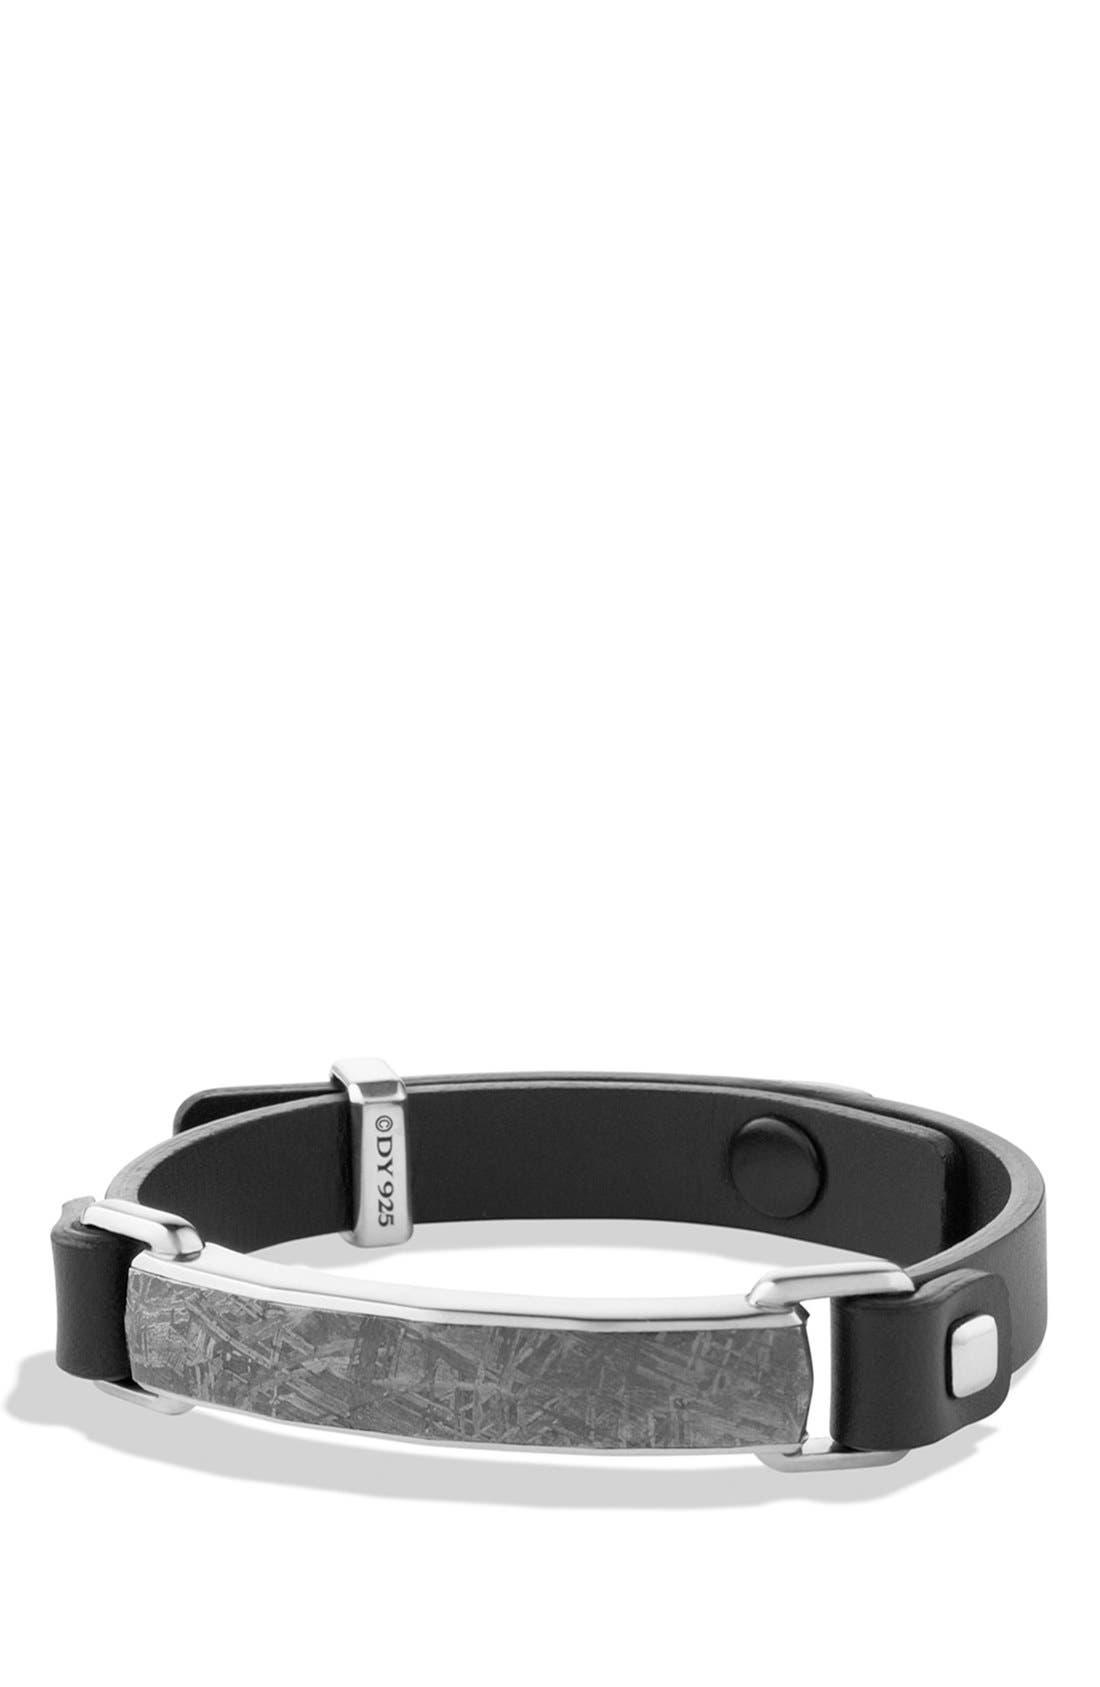 'Meteorite' Leather ID Bracelet in Black,                         Main,                         color,